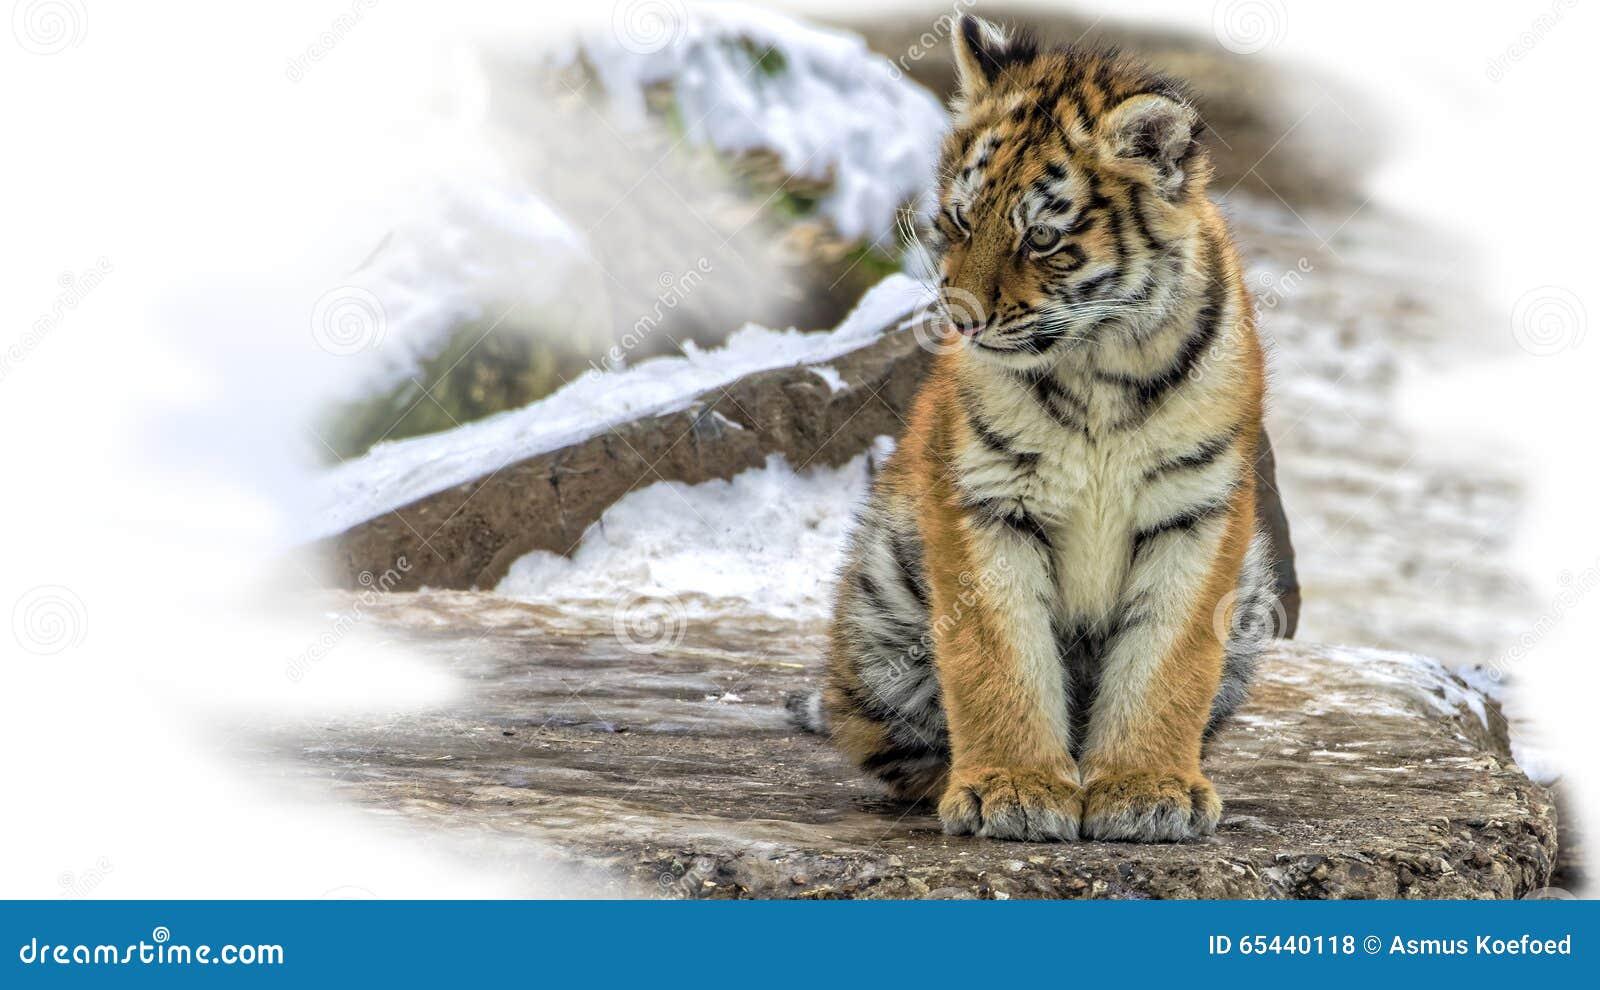 Cute Siberian Tiger Cub Stock Photo - Image: 65440118 Cute Siberian Tiger Cubs